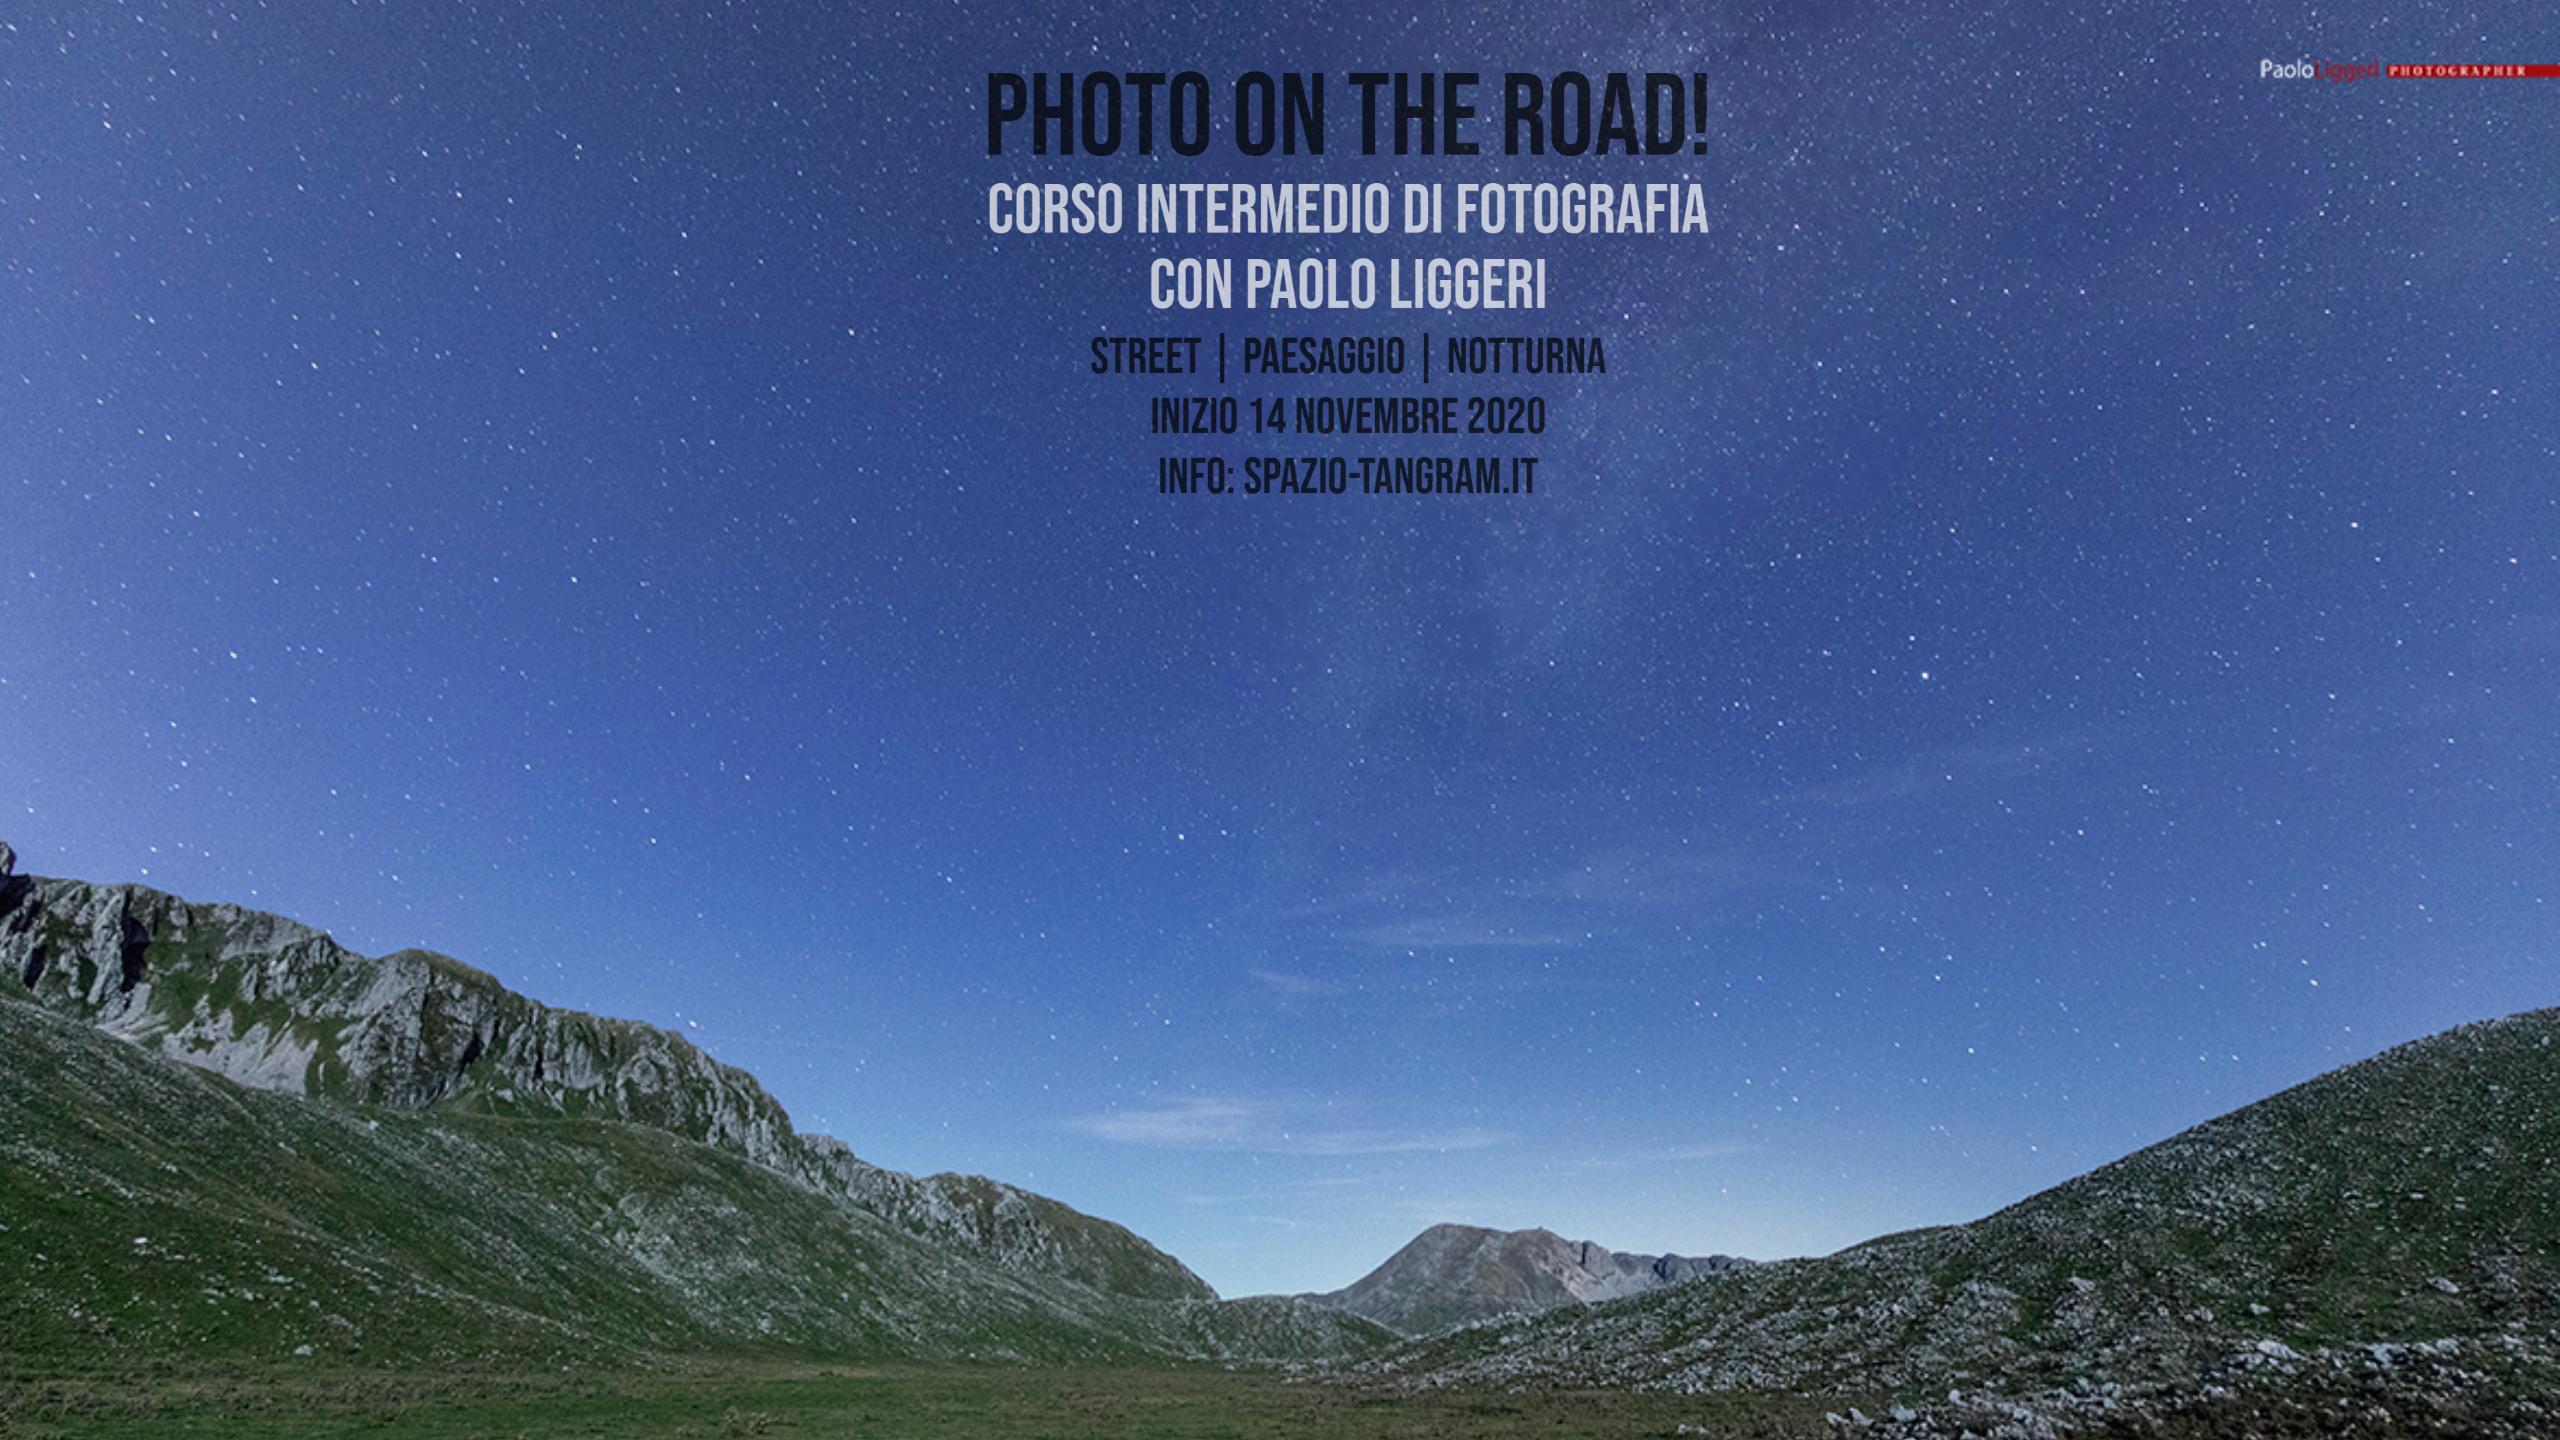 Photo on the road! Corso intermedio di fotografia